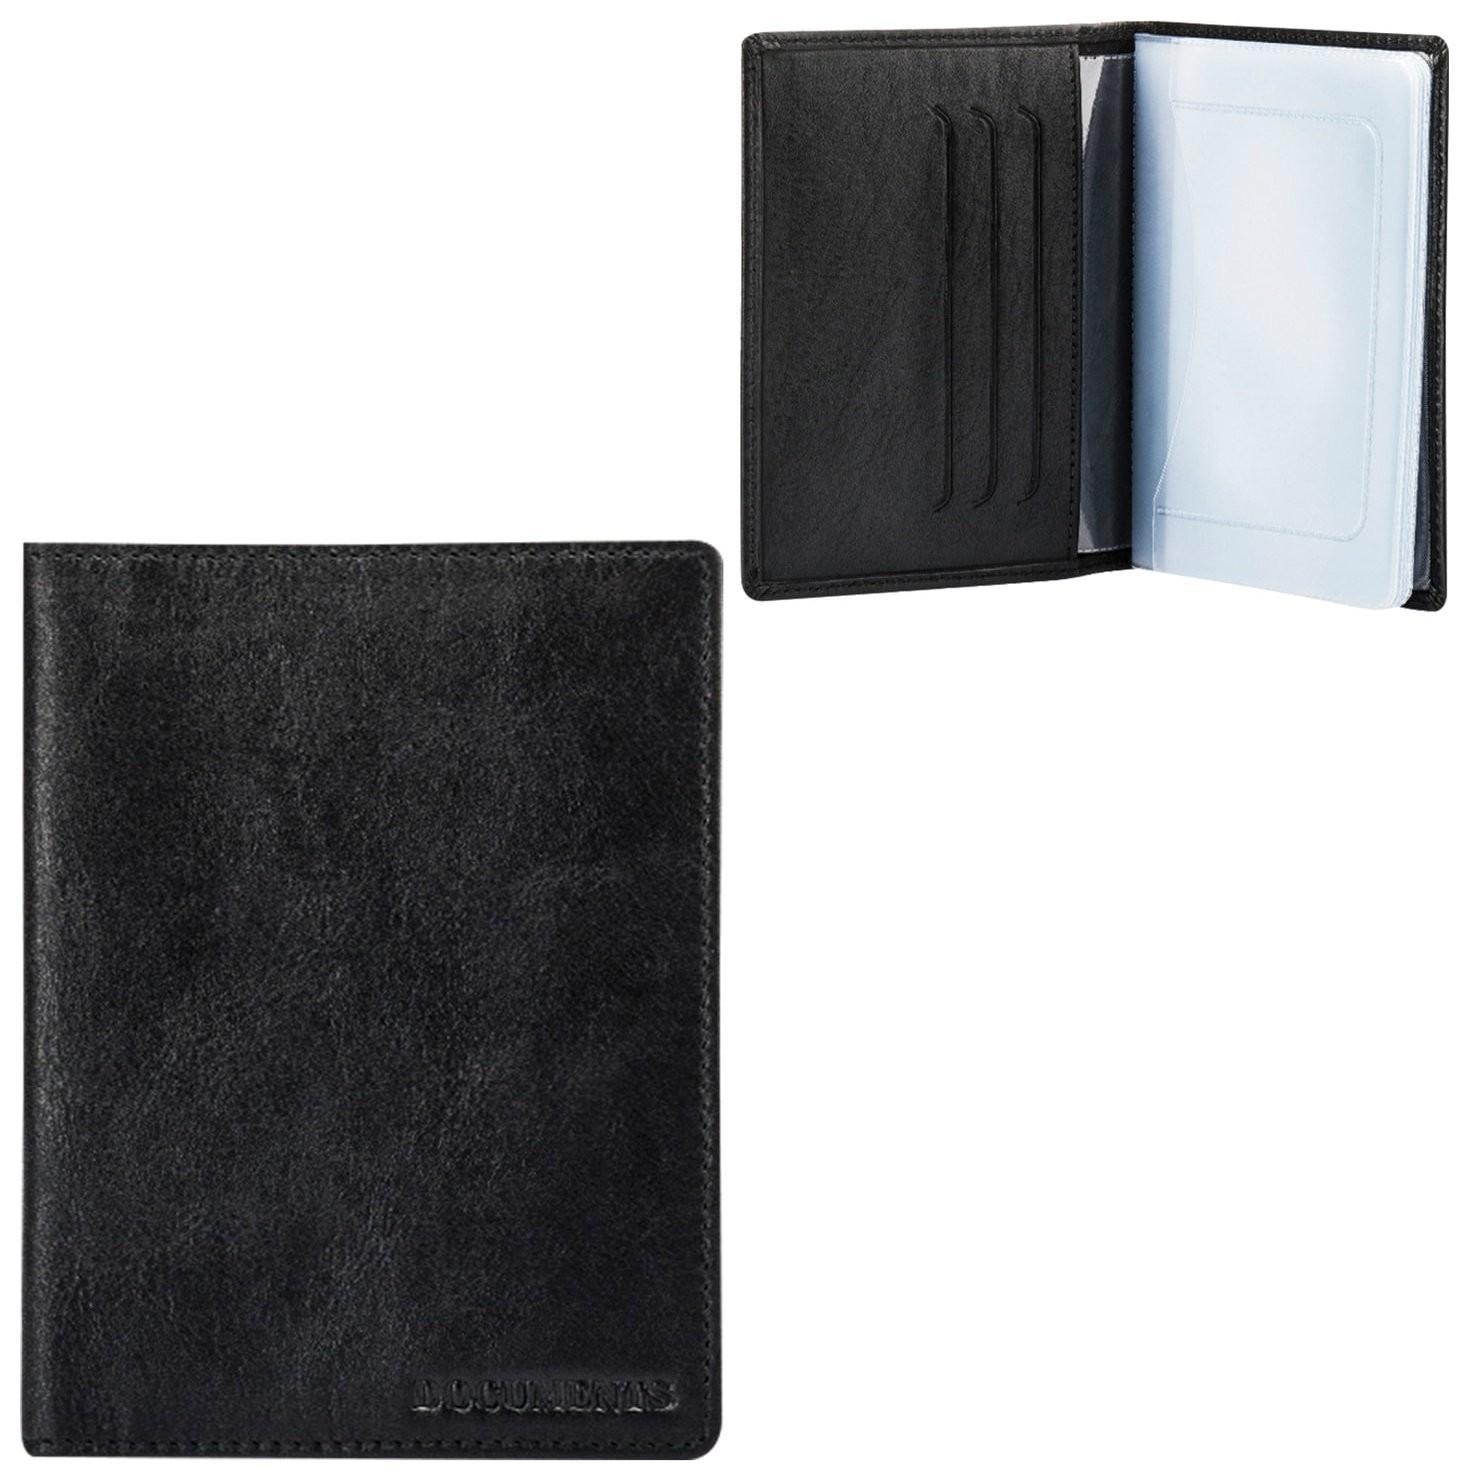 """Бумажник водителя Fabula """"Estet"""", натуральная кожа, тиснение, 6 пластиковых карманов, черный, Bv.36.mn  Fabula"""